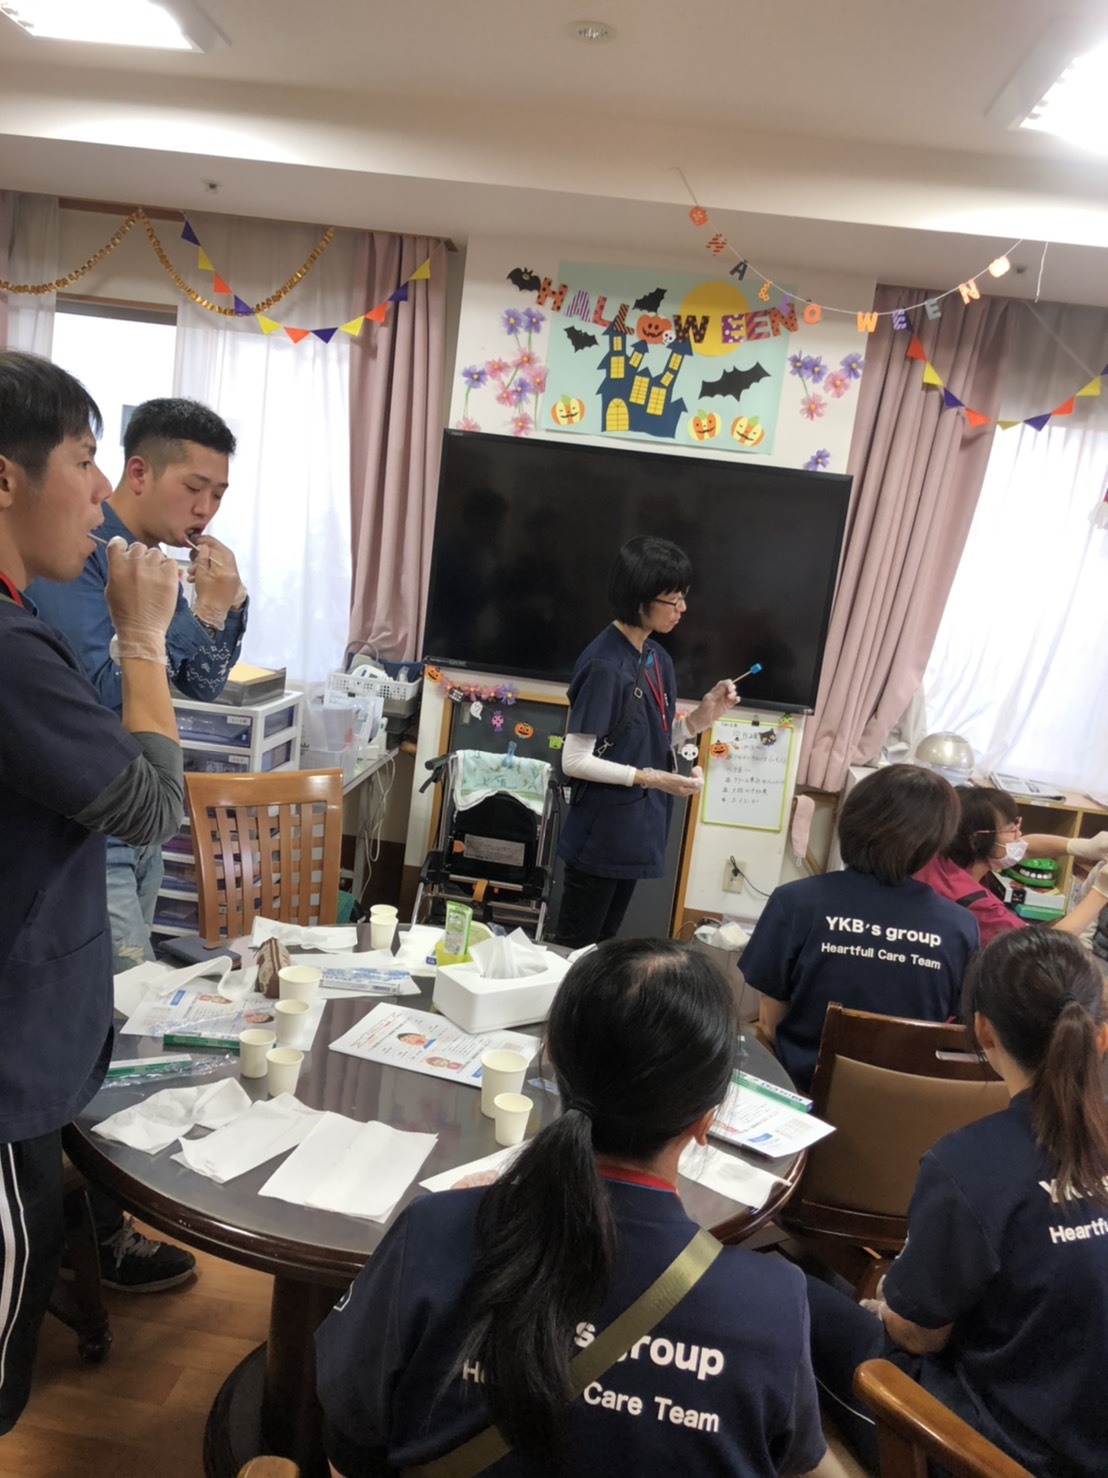 2019年10月28日 外部講師による口腔ケアの勉強会